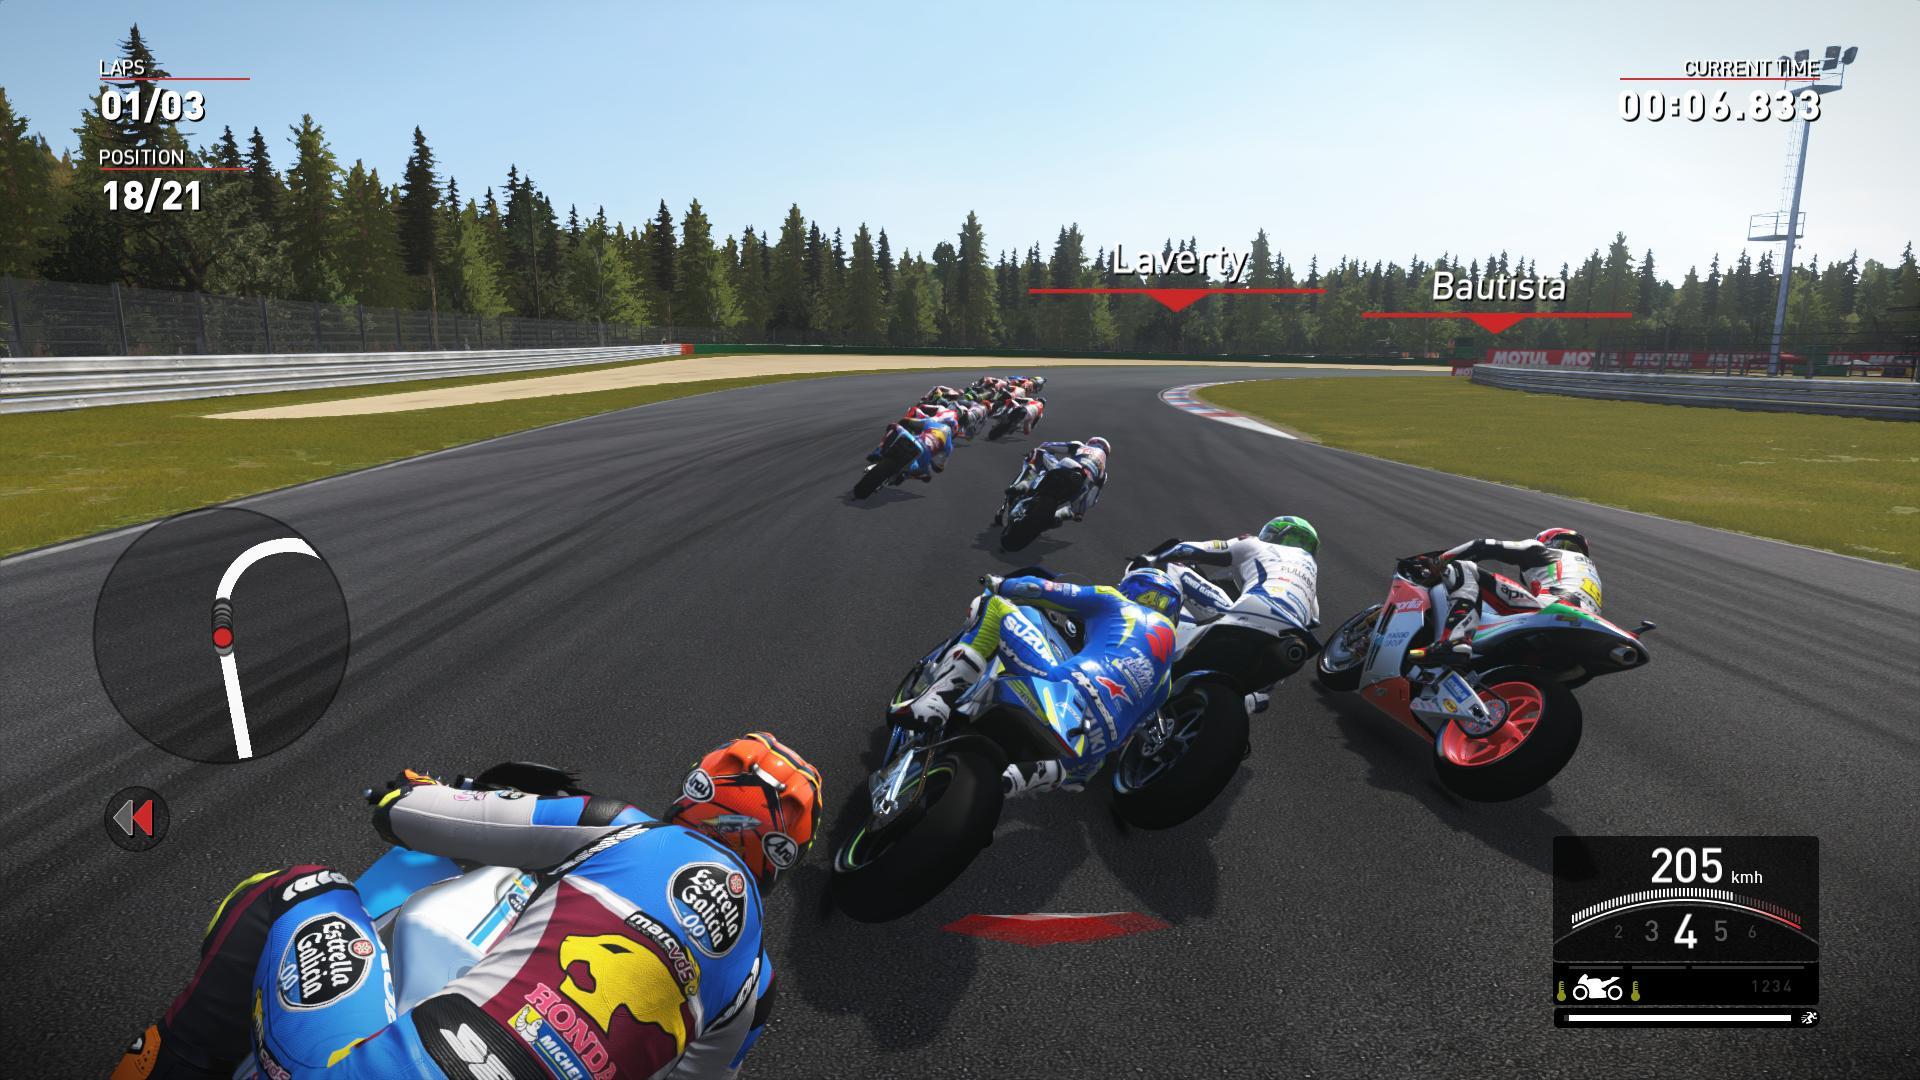 Recenze Valentino Rossi The Game 11974